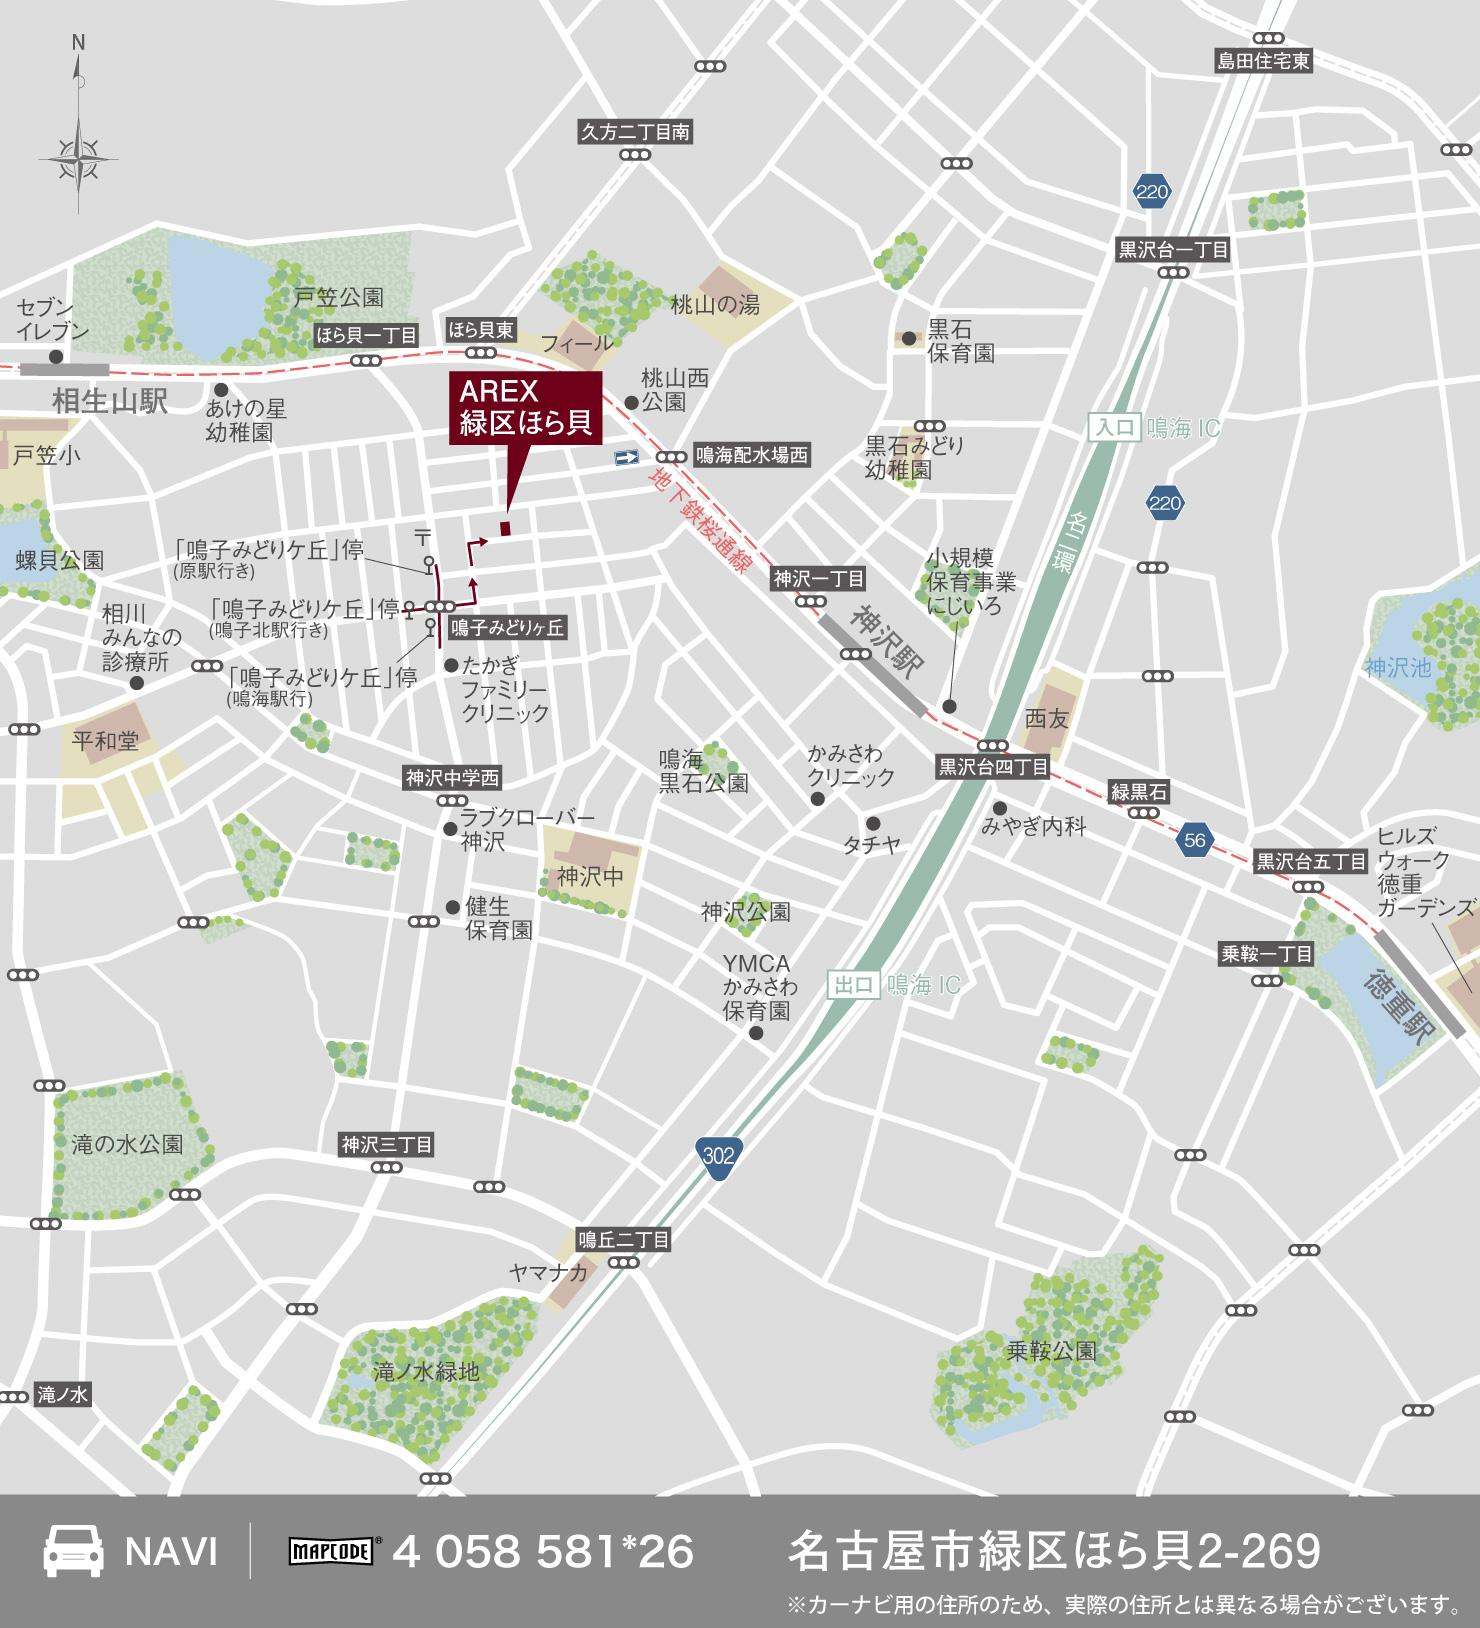 3_地図_緑区ほら貝